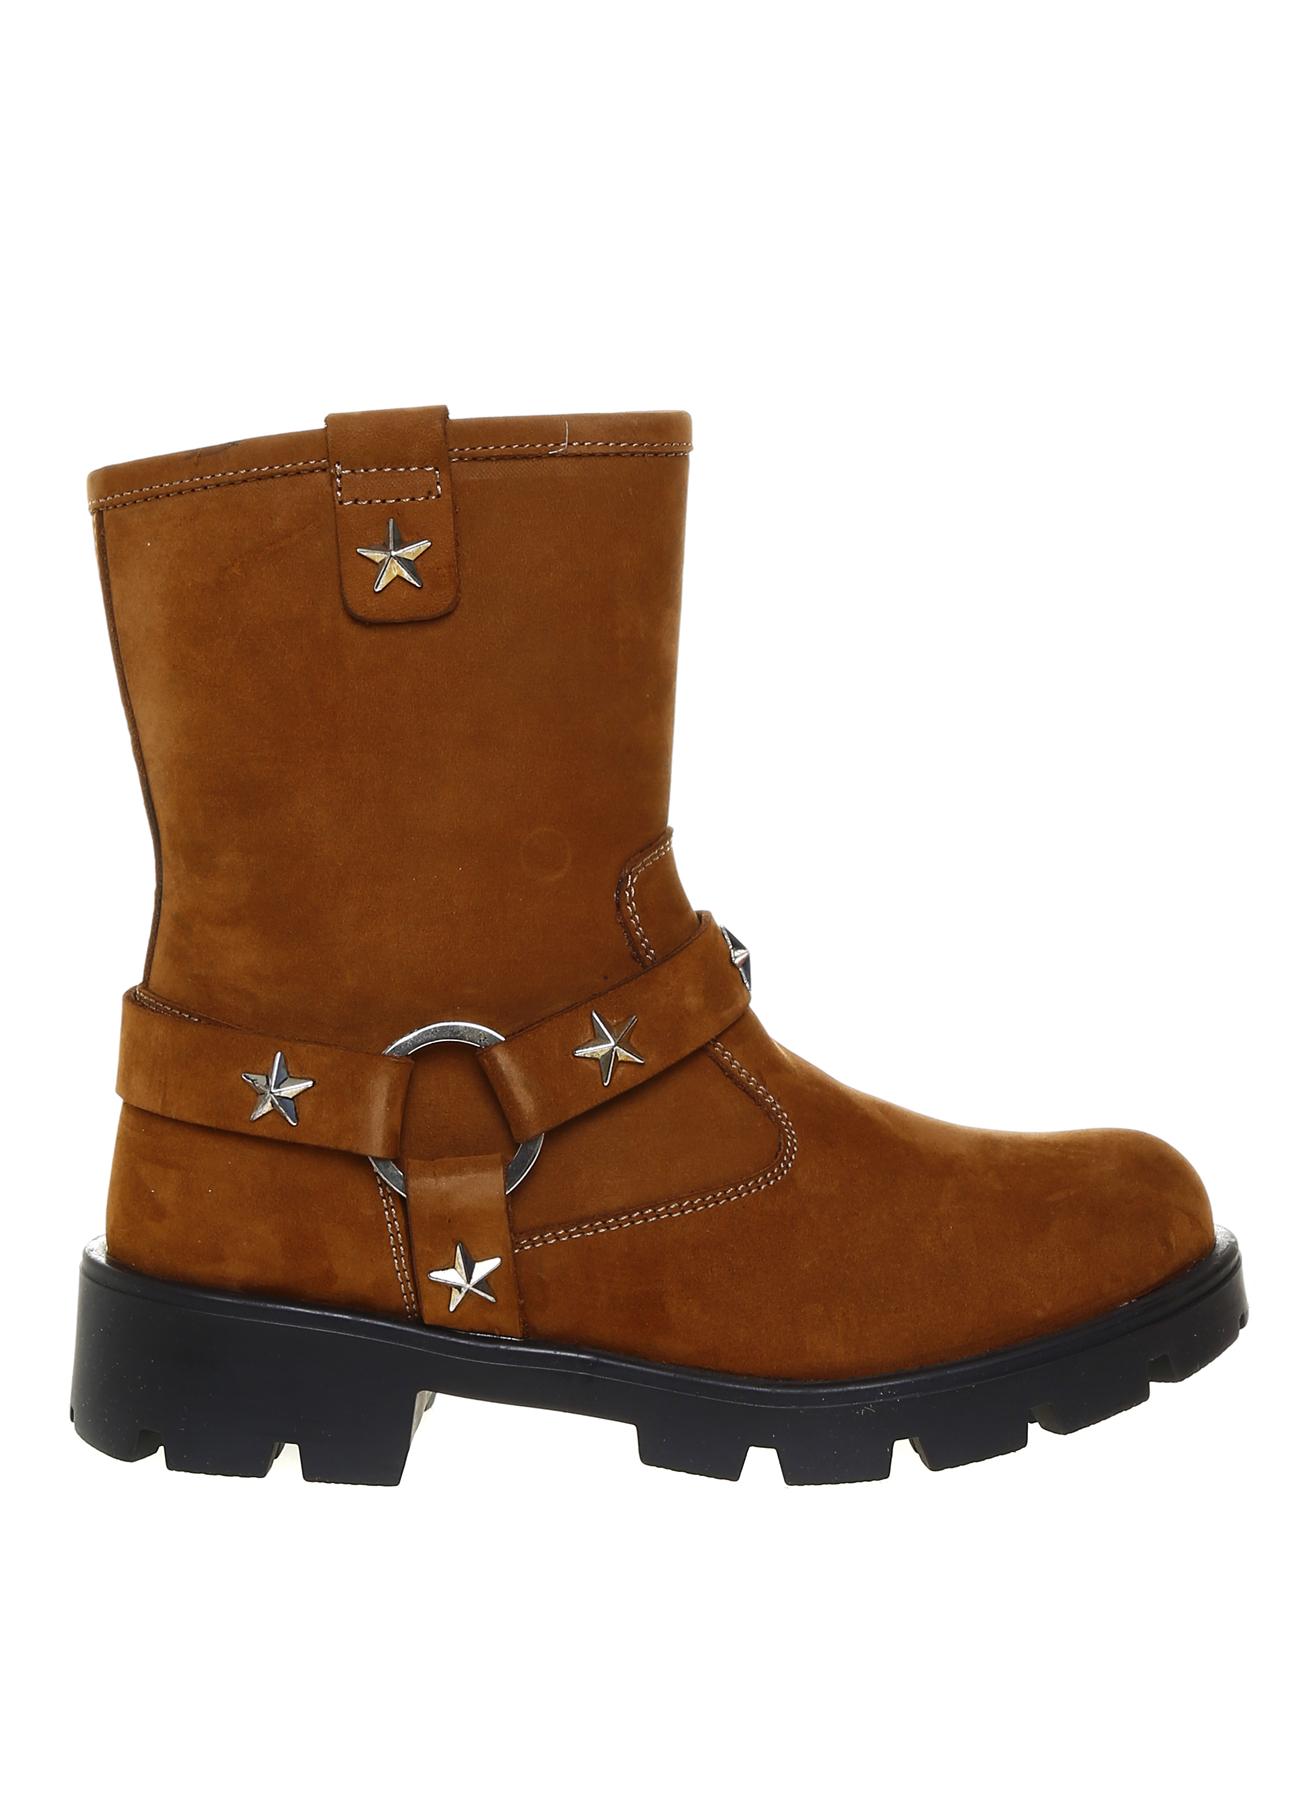 31 Kadın Tarçın Pink&Orange Kız Çocuk Zımba Detaylı Deri Bot 5001915981001 Ayakkabı Çanta Ayakkabıları Çizmeler